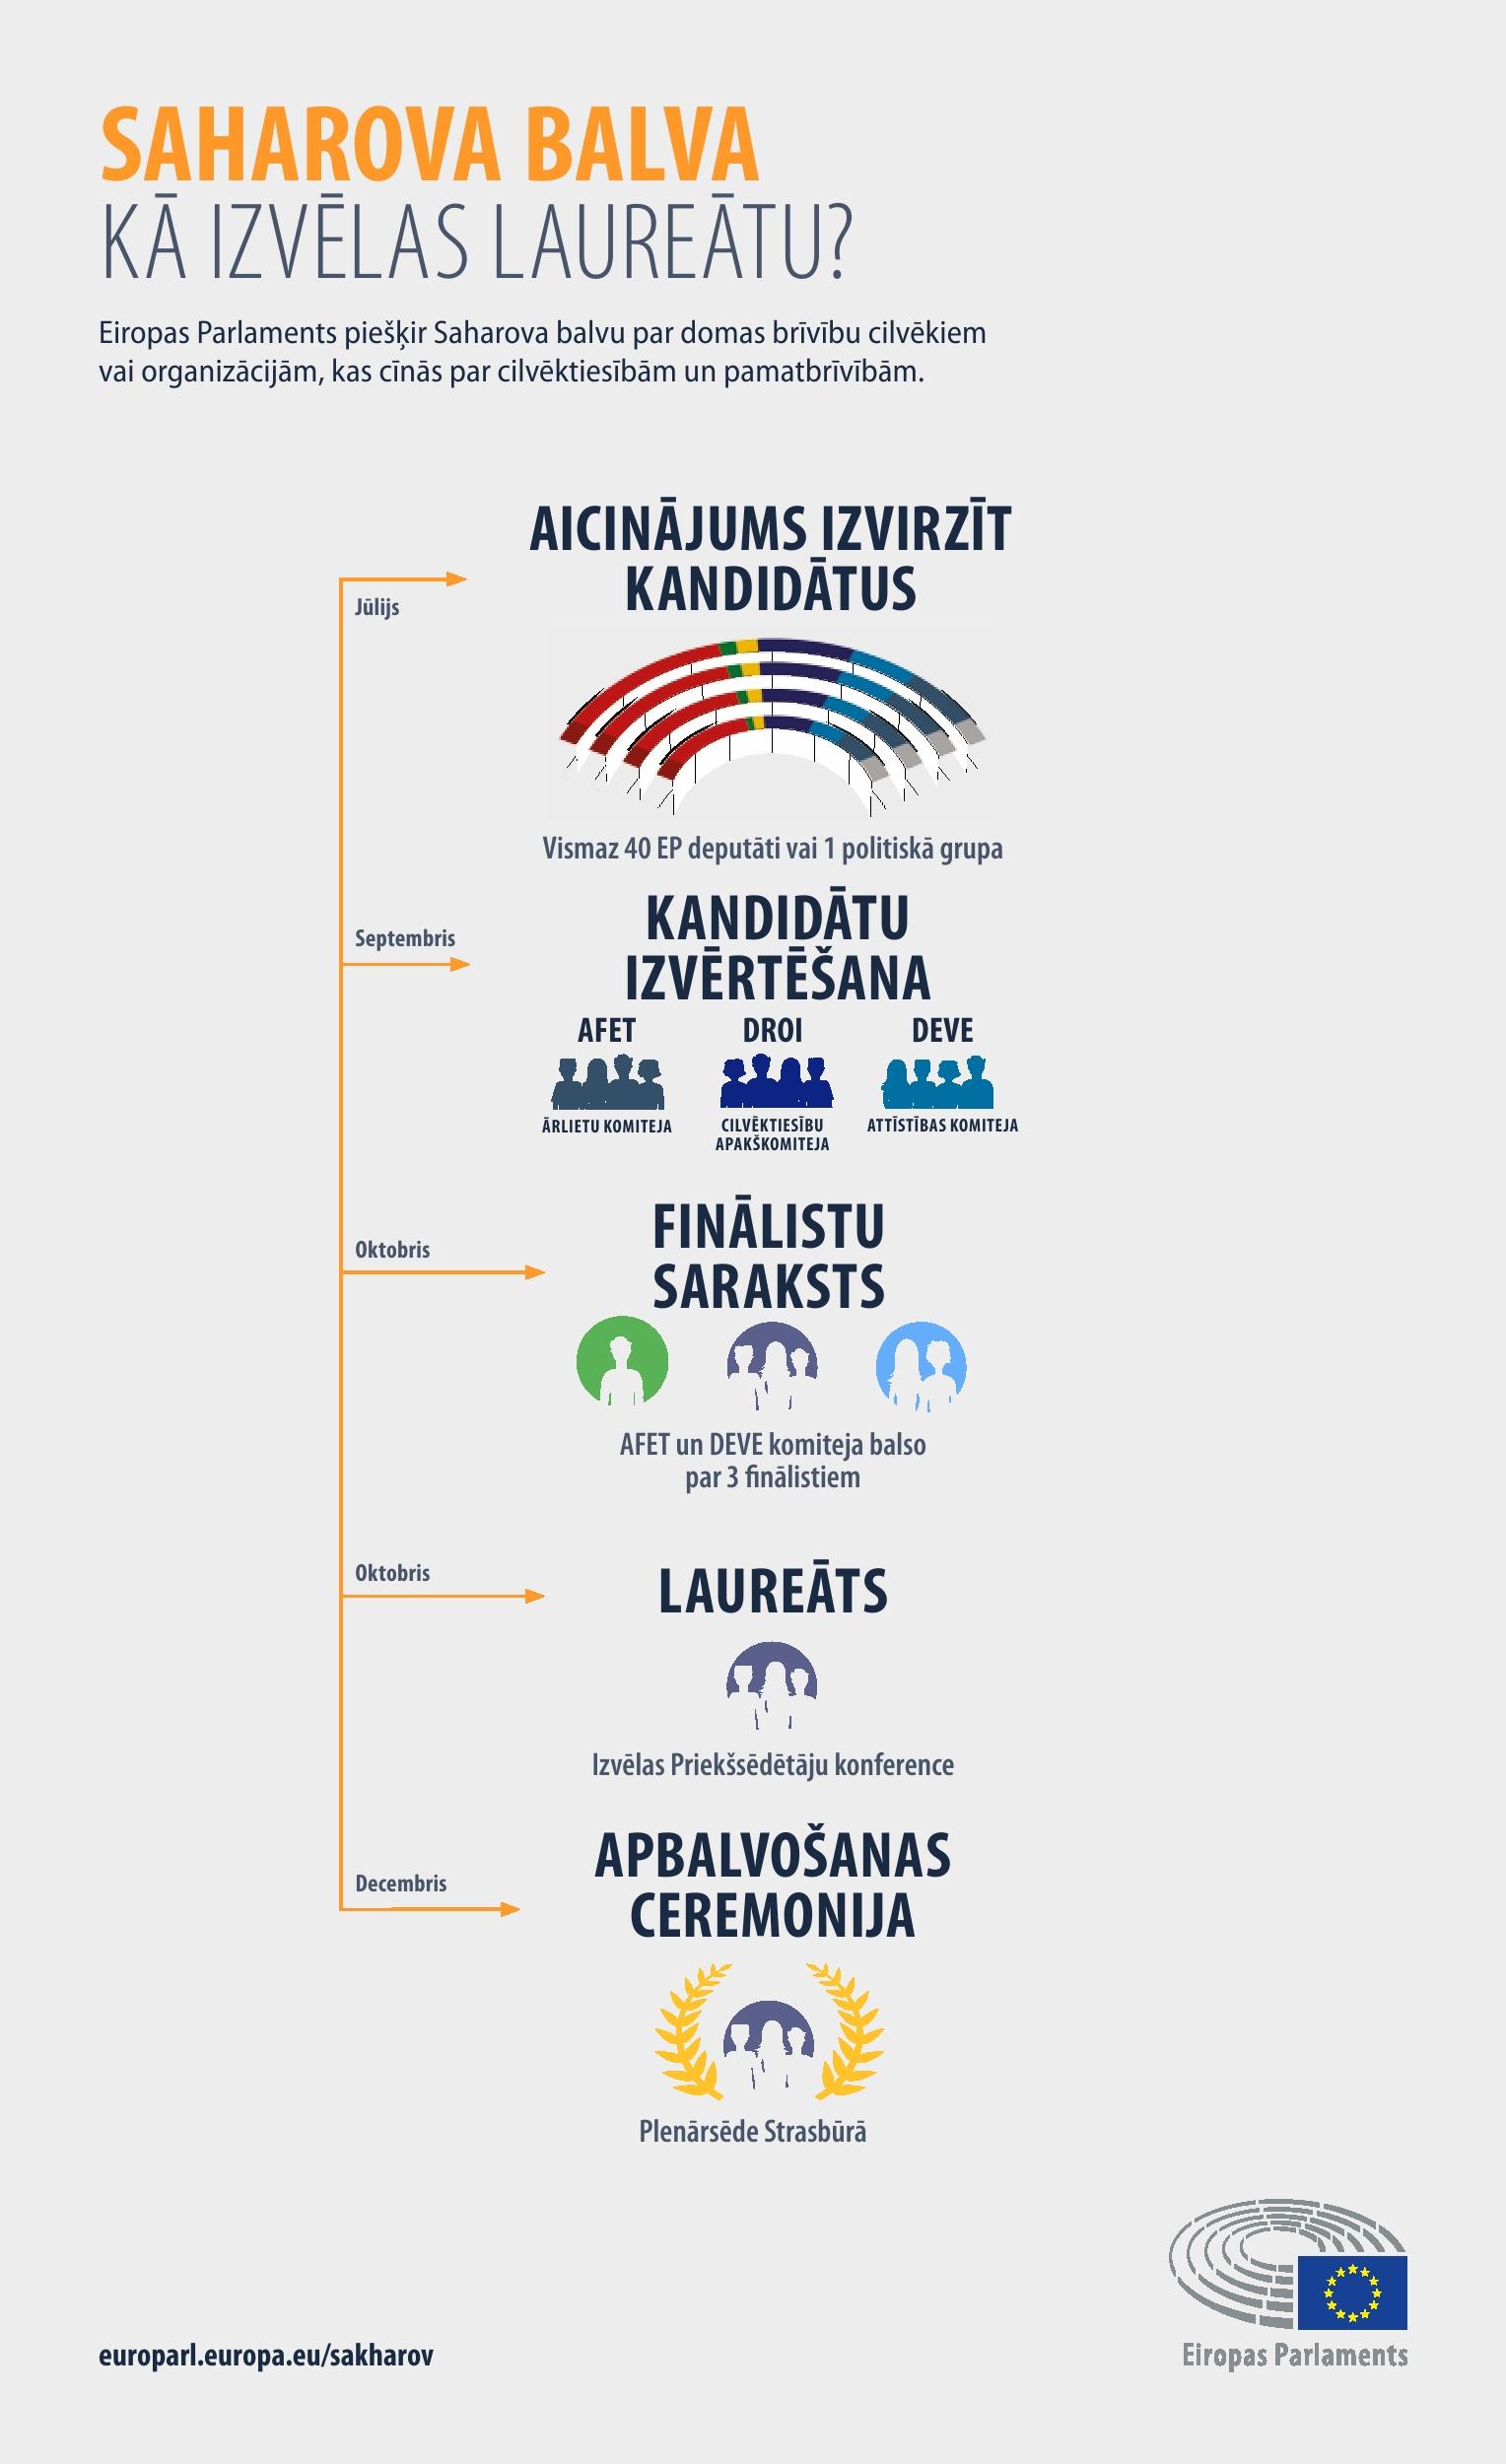 Infografika: Kā tiek izvēlēts laureāts?